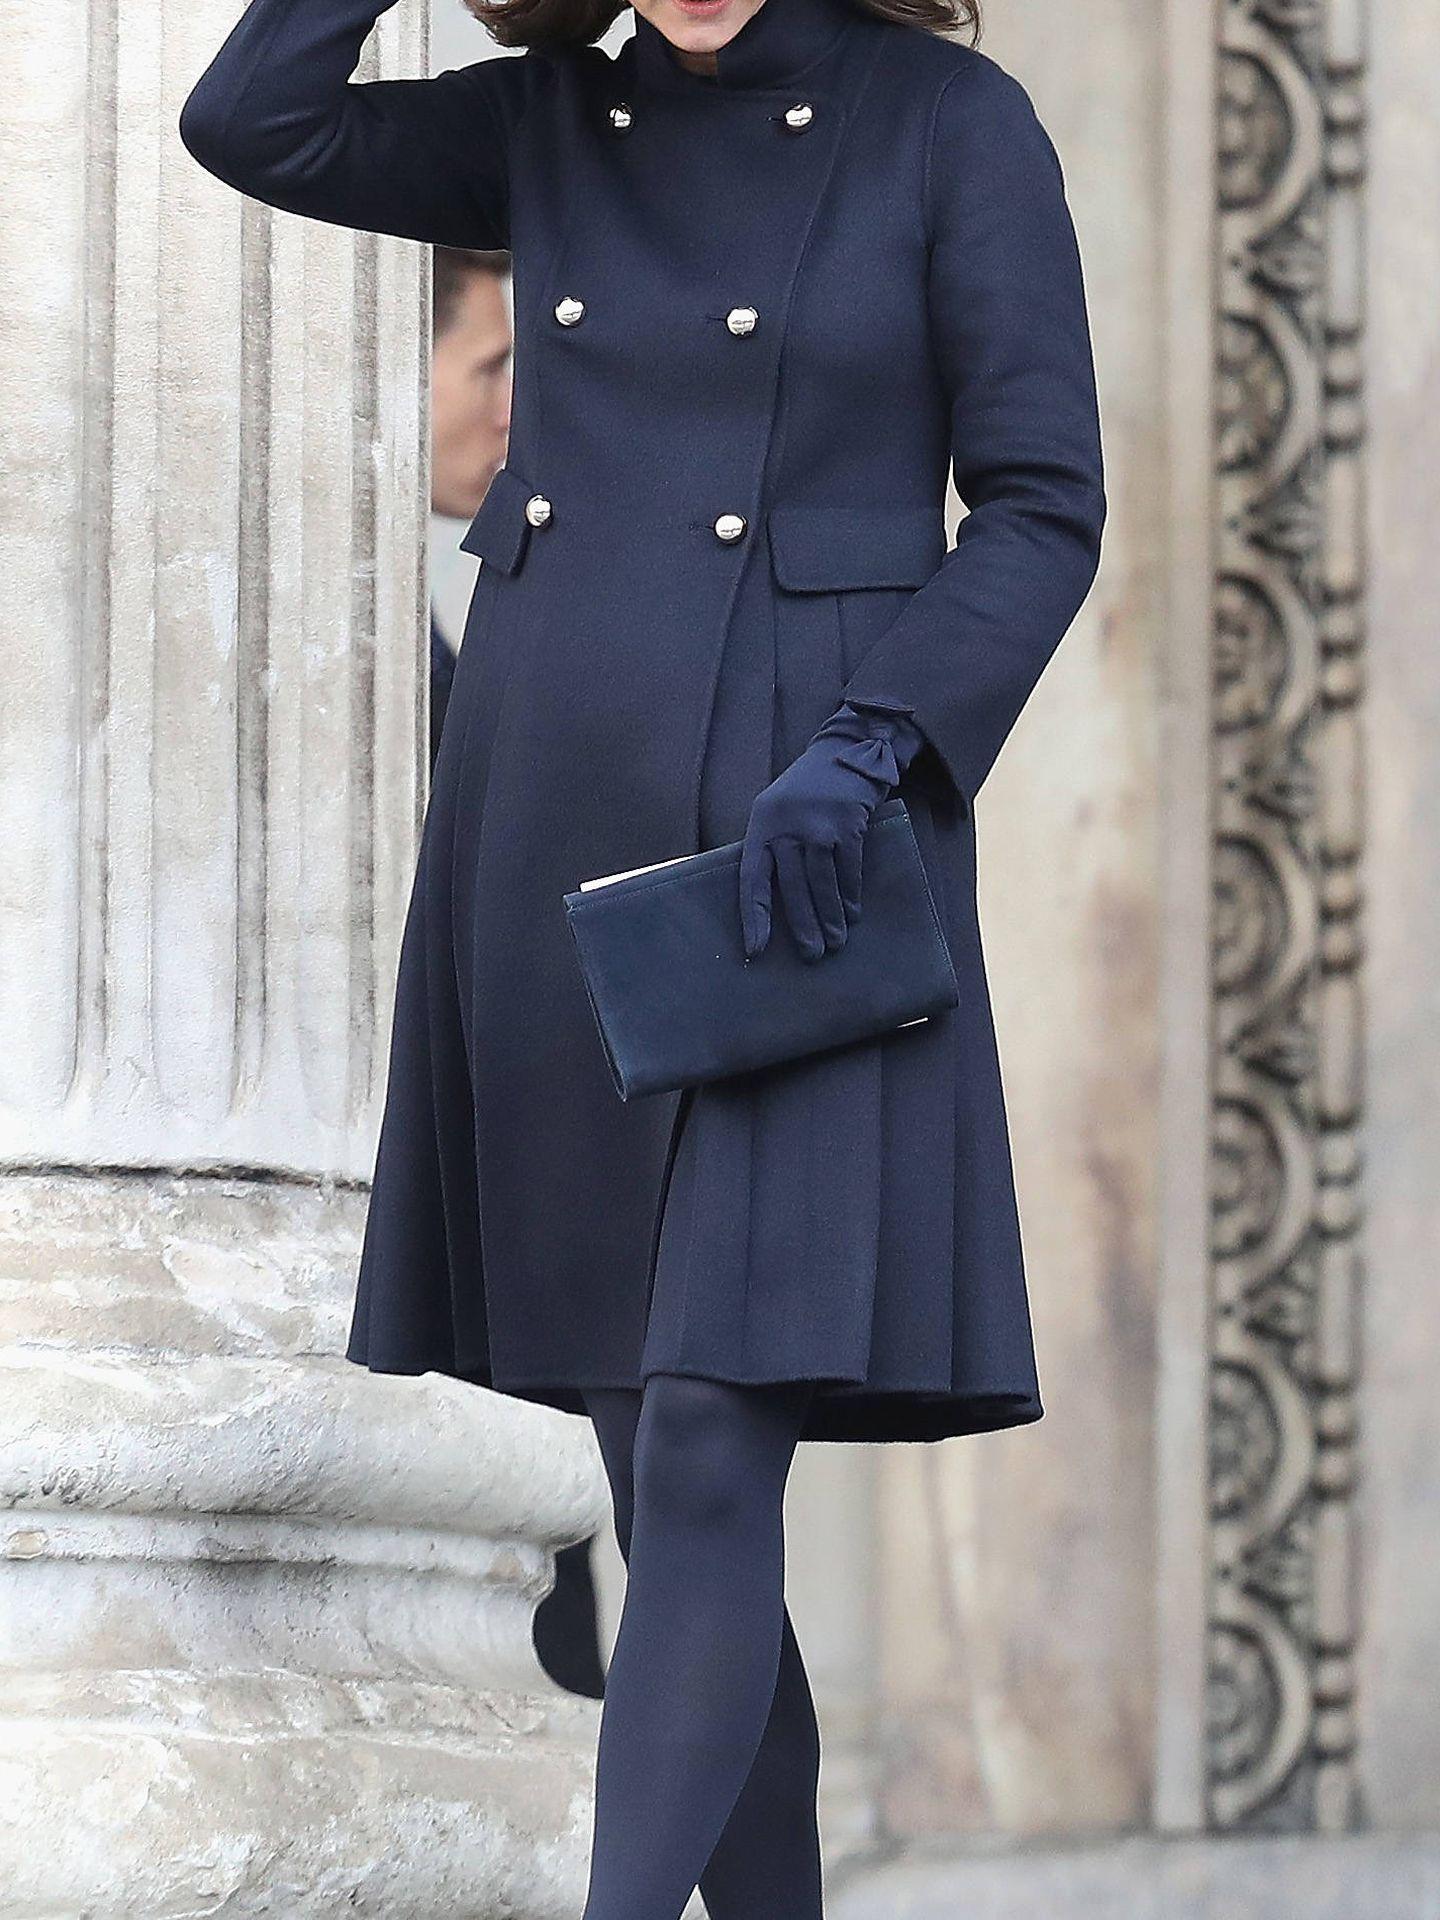 La duquesa. (Getty)